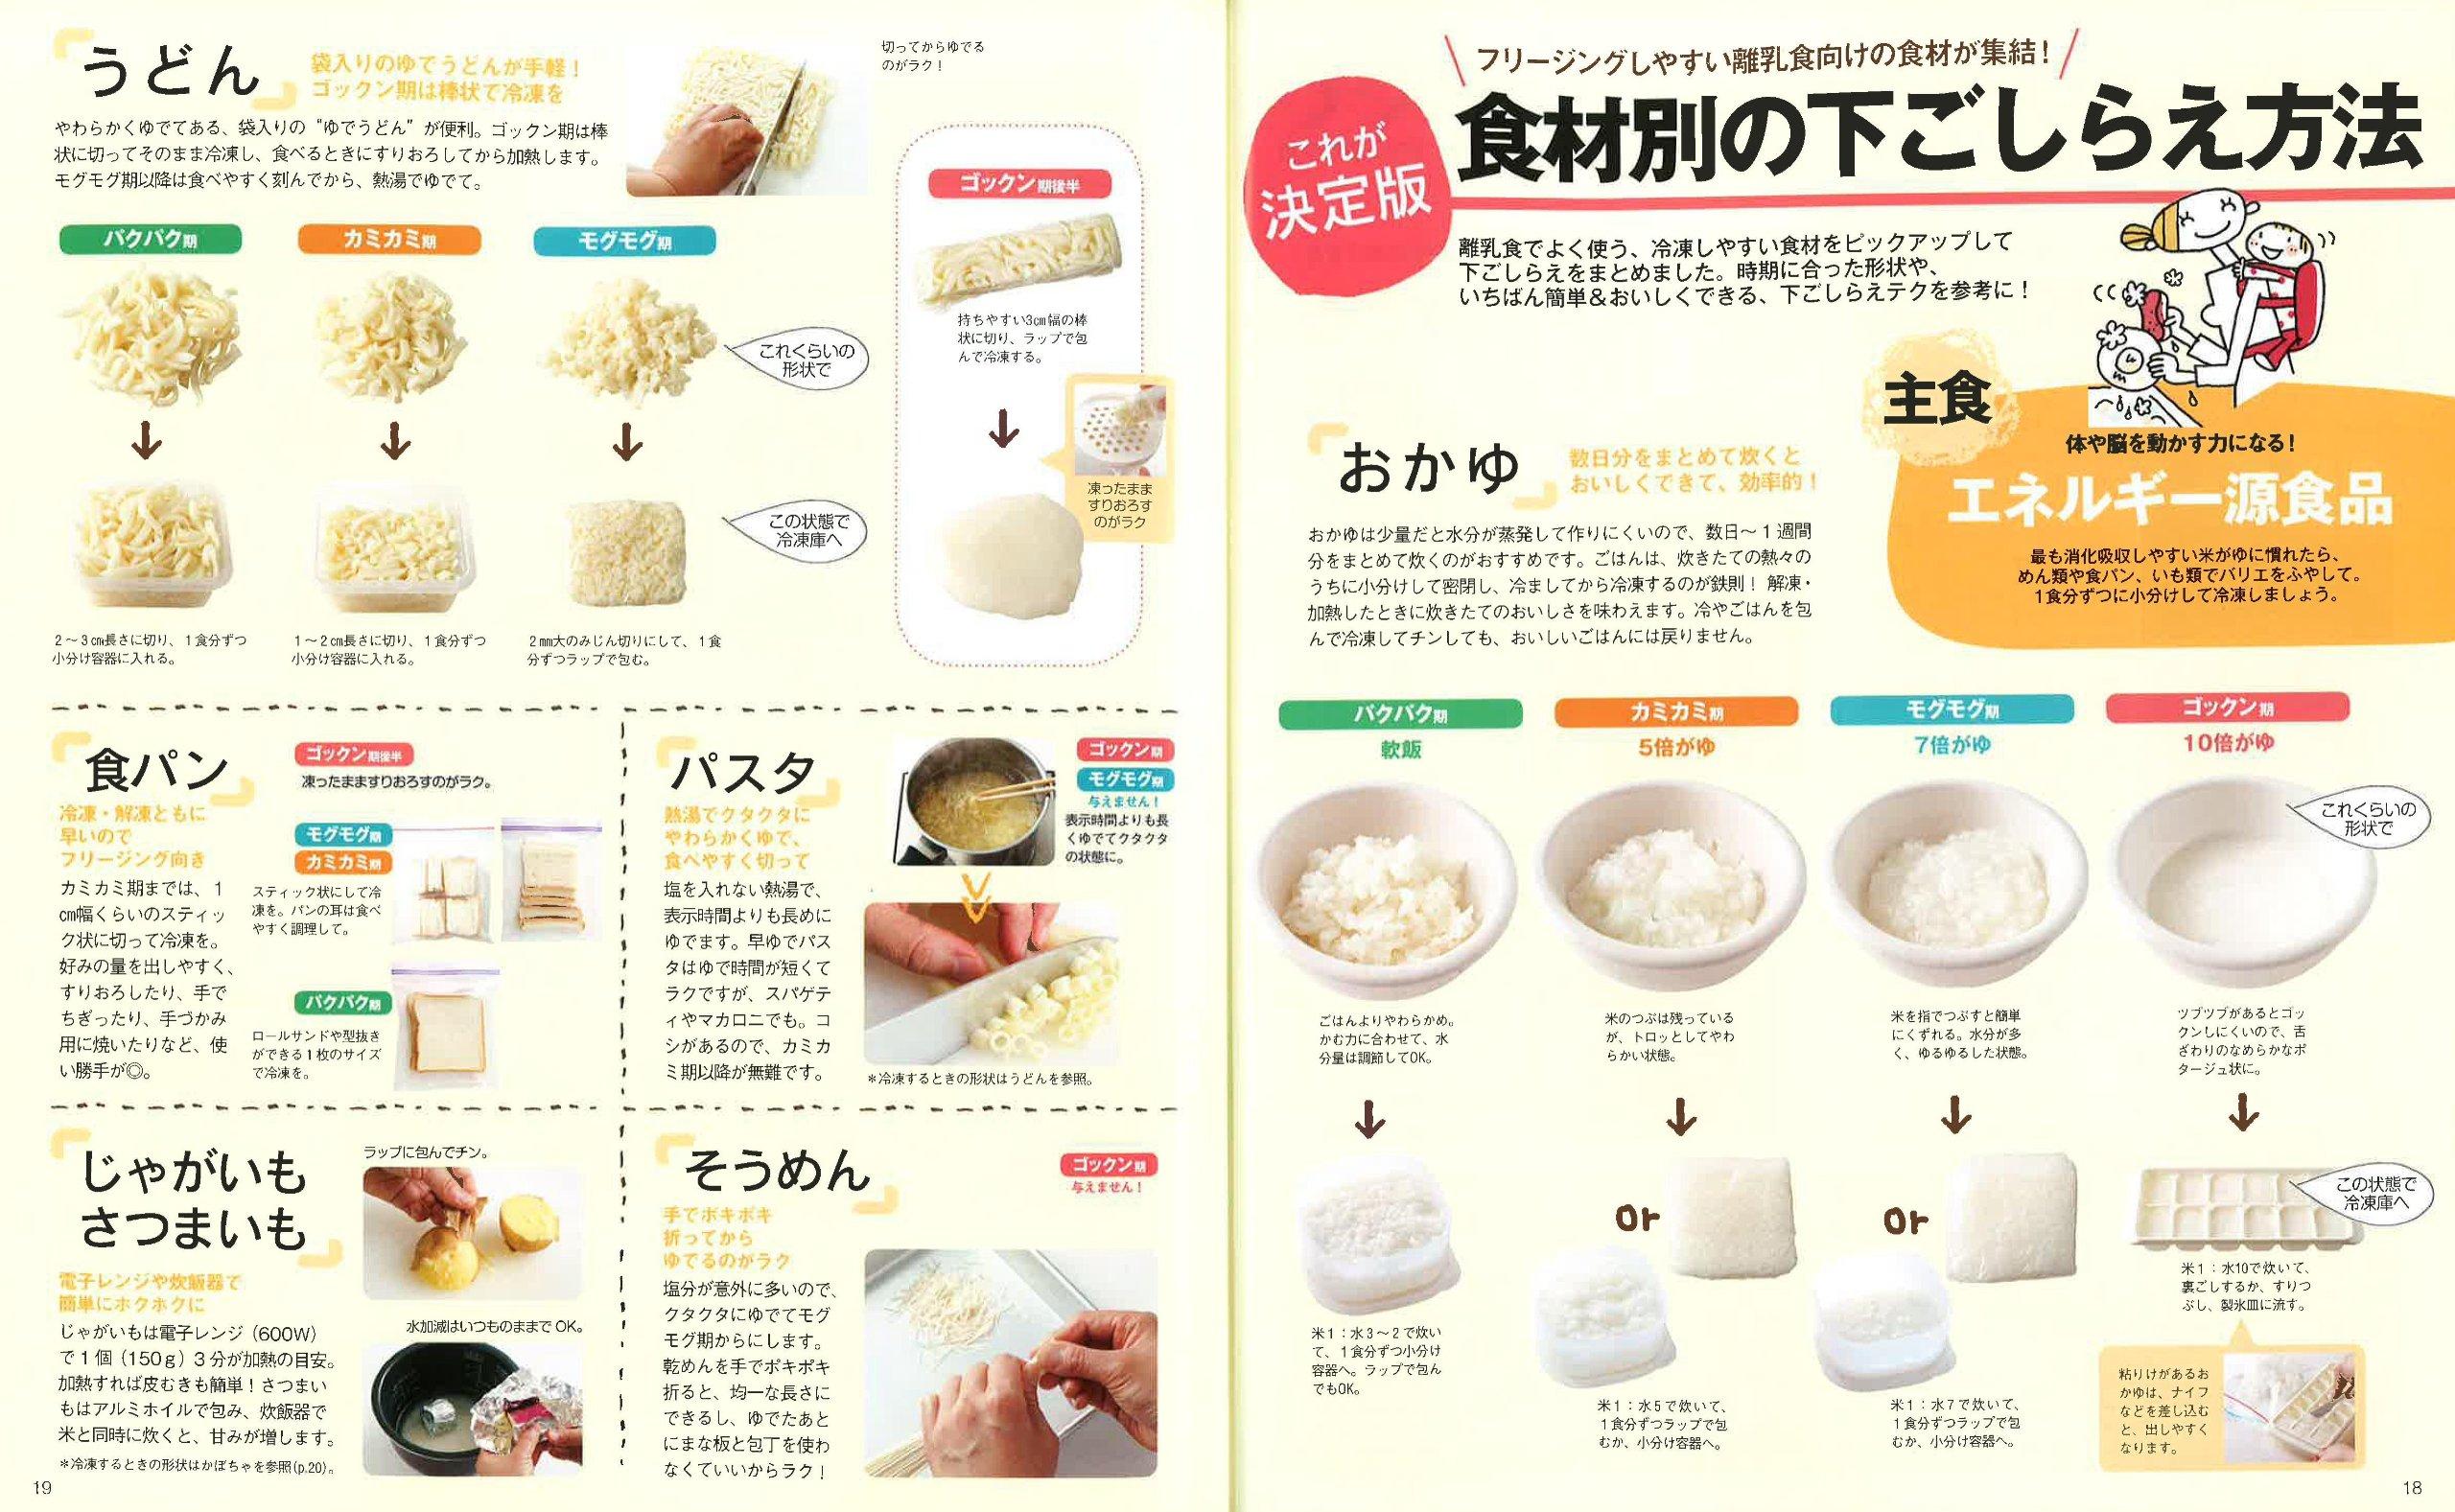 【時期別】離乳食のおすすめ本13選!の画像15